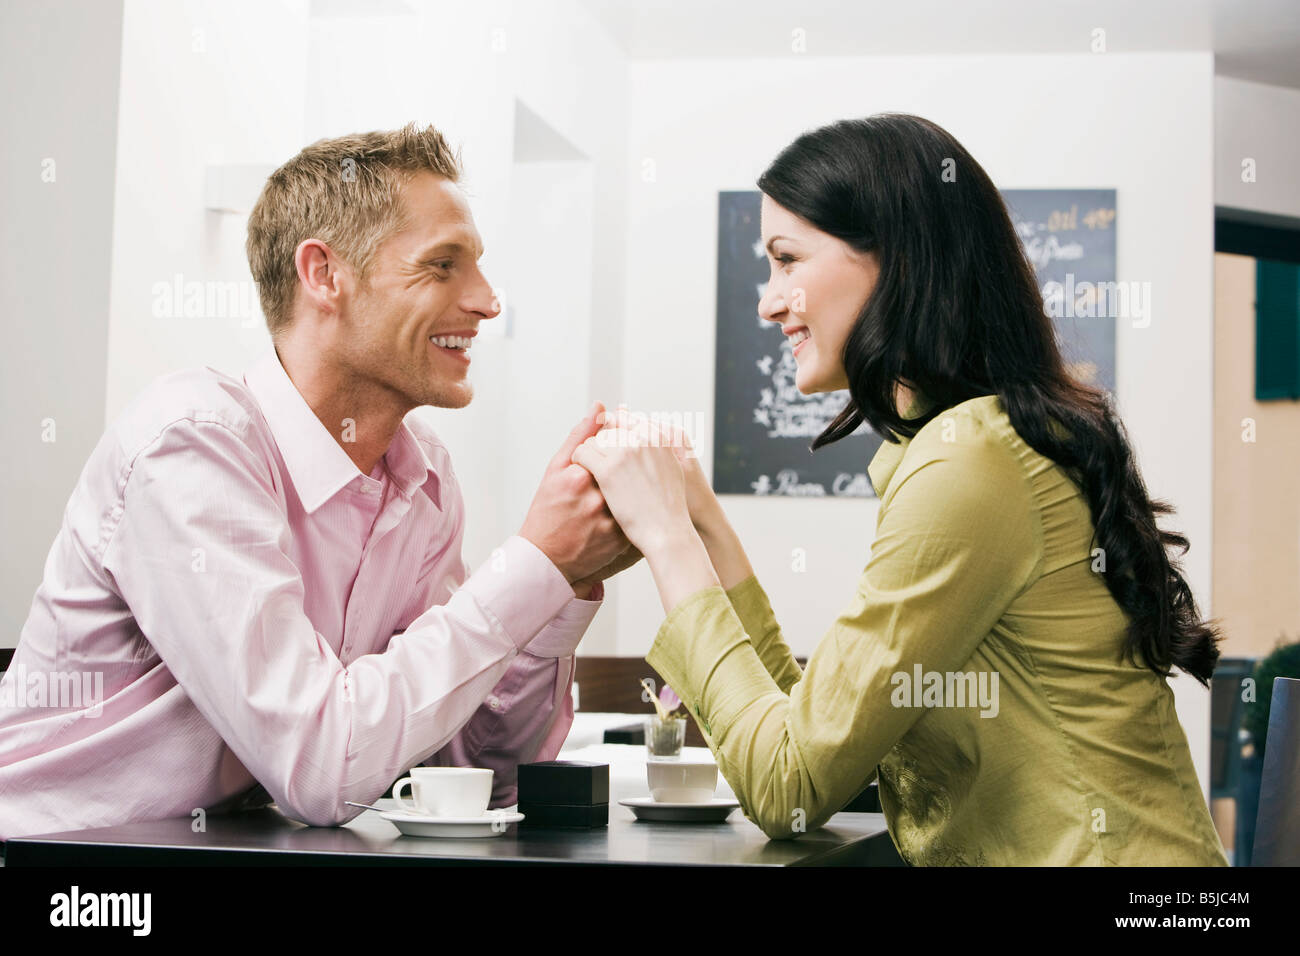 junges Paar im Café miteinander flirten Stockbild